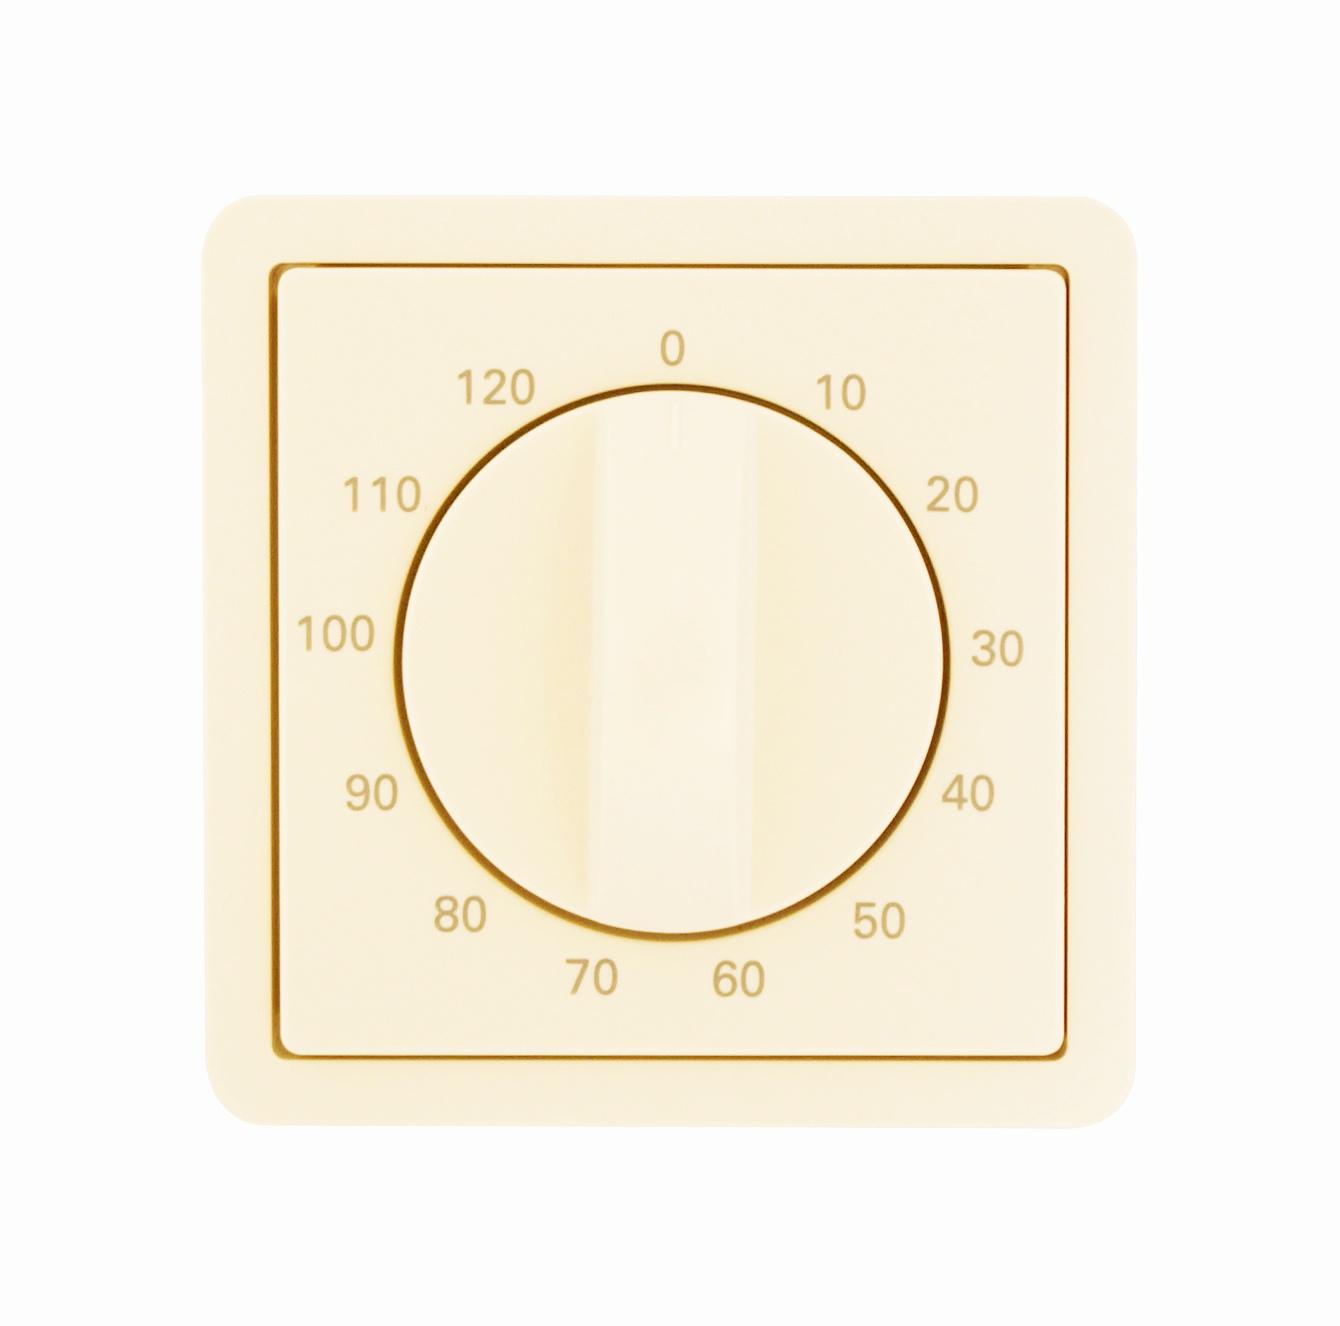 1 Stk Zentralplatte für Zeitschalter 120min, perlweiß EL223090--